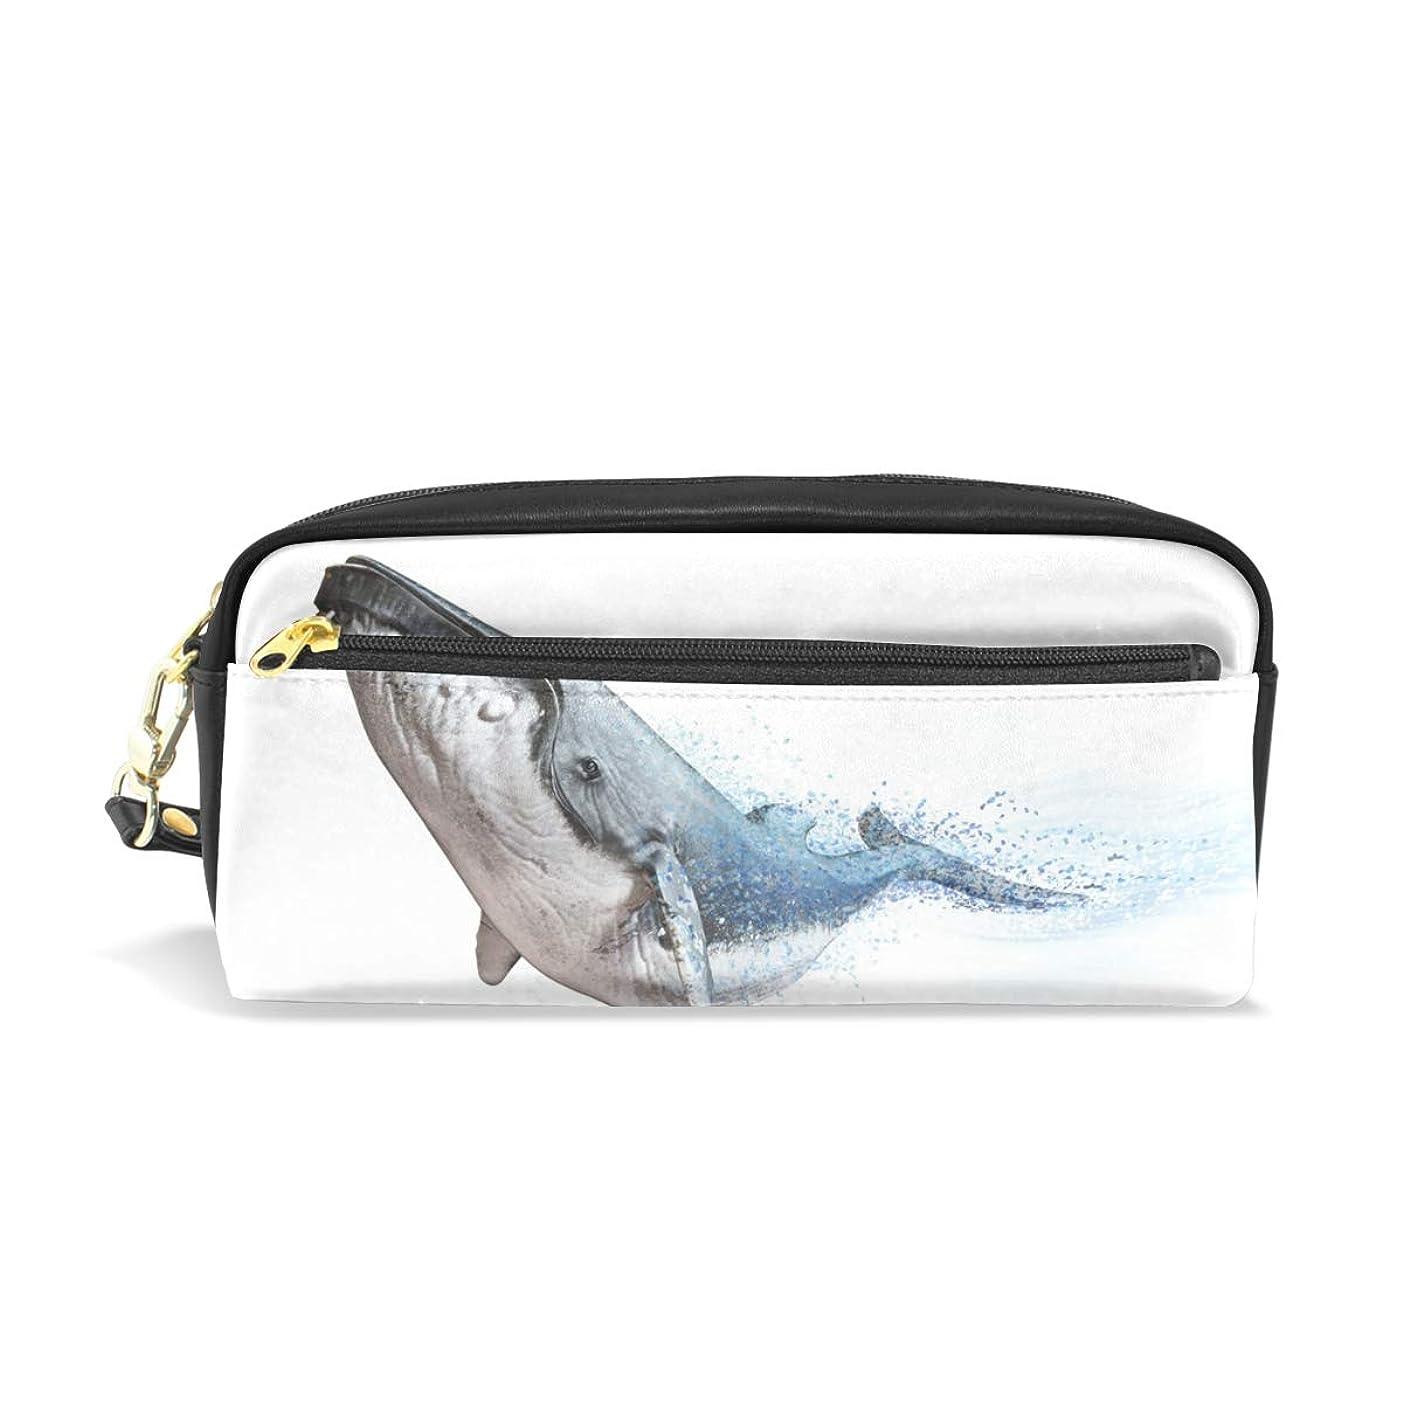 受け皿上回る研磨剤AOMOKI ペンケース 小物入り 多機能バッグ ペンポーチ 化粧ポーチ 男女兼用 ギフト プレゼント おしゃれ かわいい クジラ 魚 海